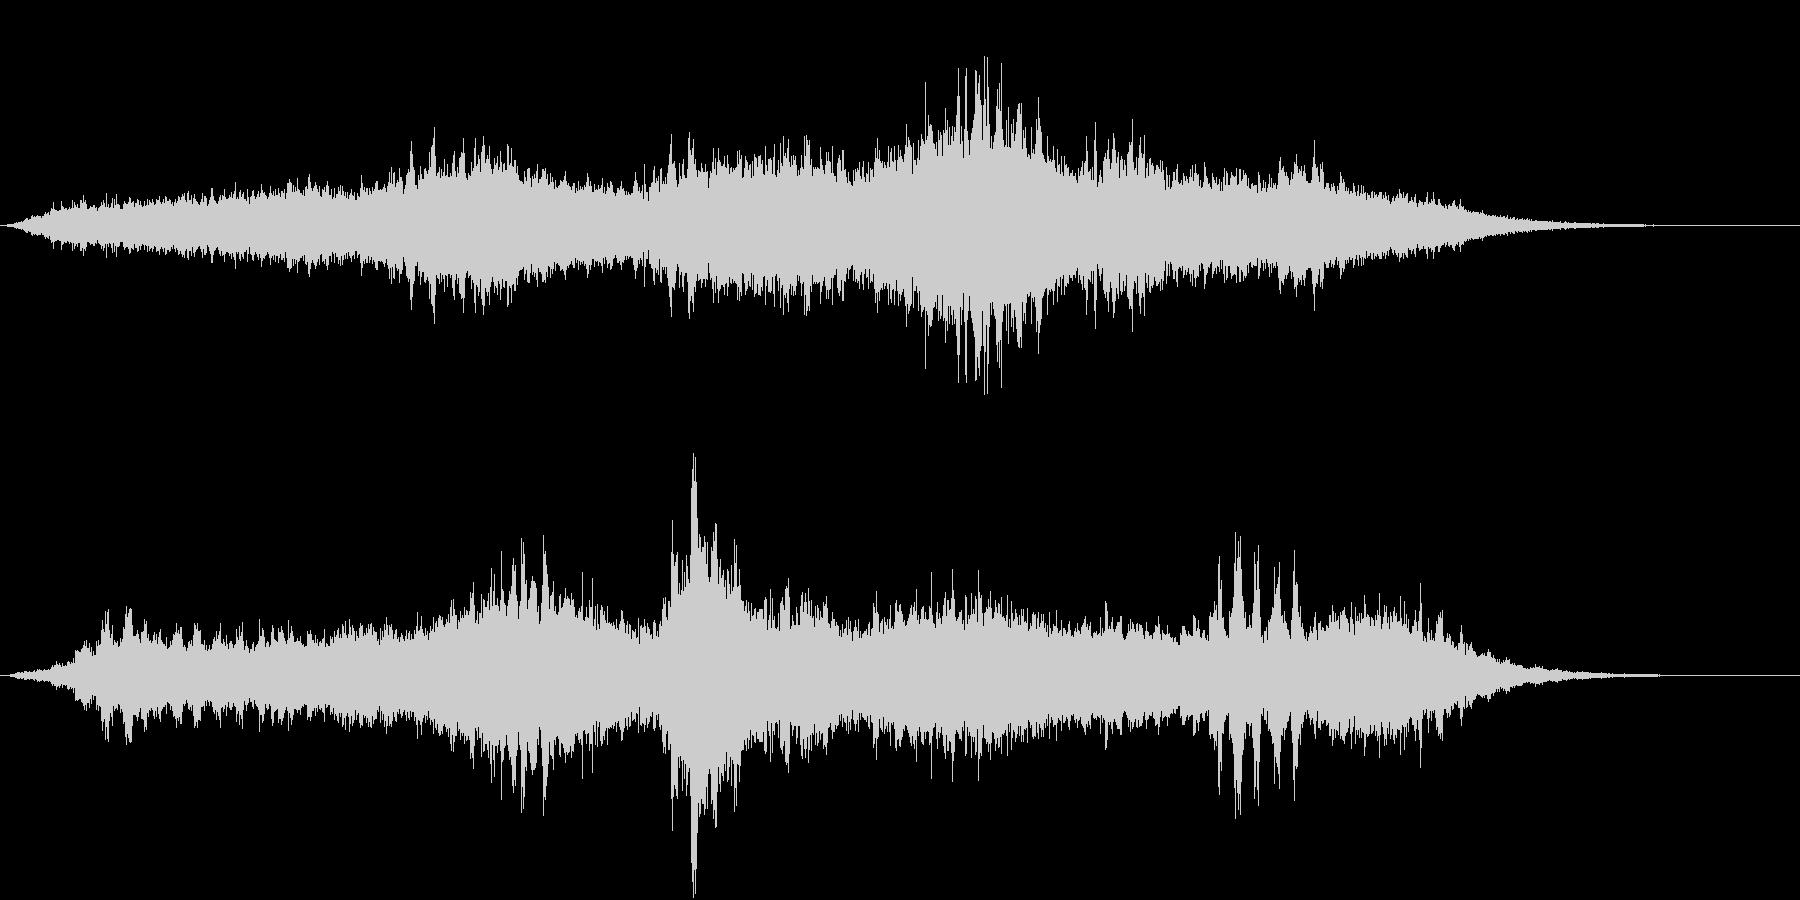 シンセによる怪しげな虫の音の大合唱の未再生の波形